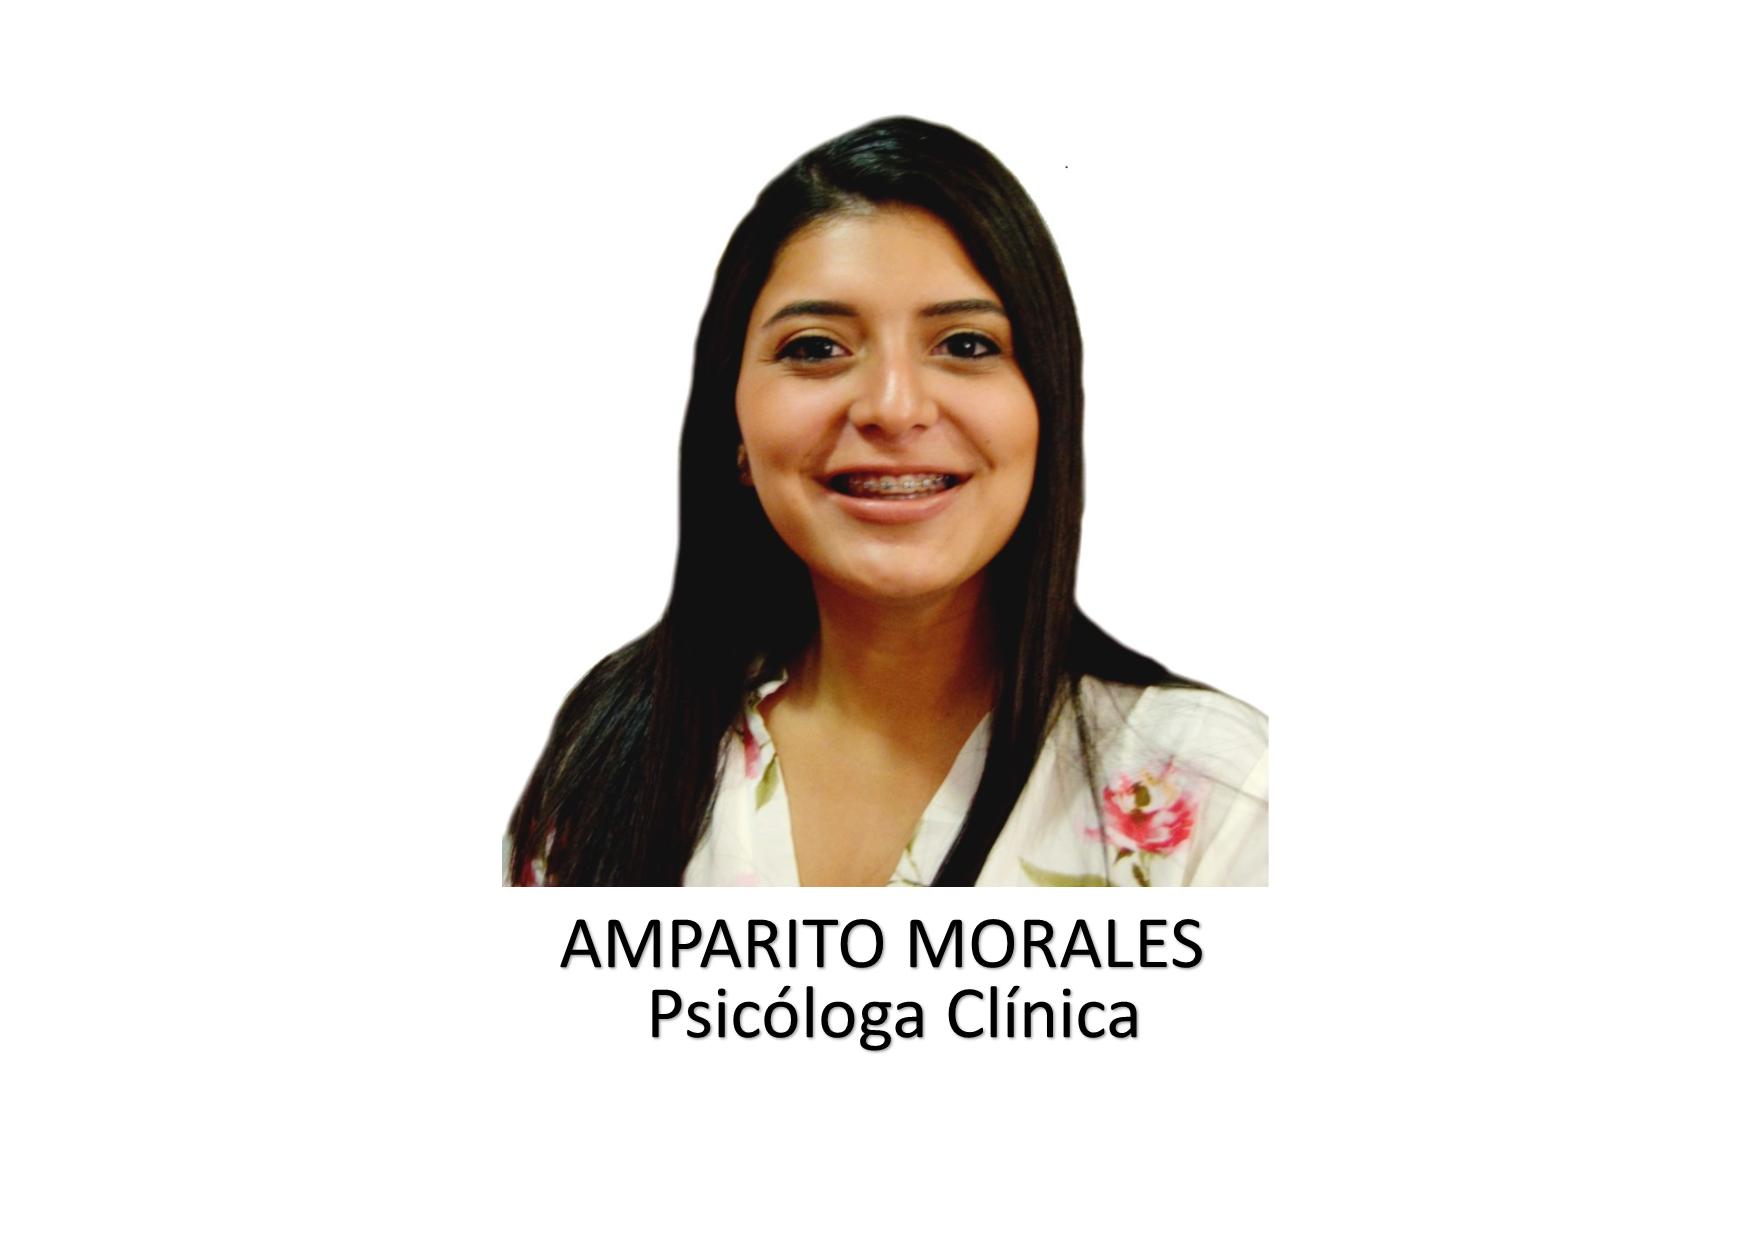 AMPARITO MORALES